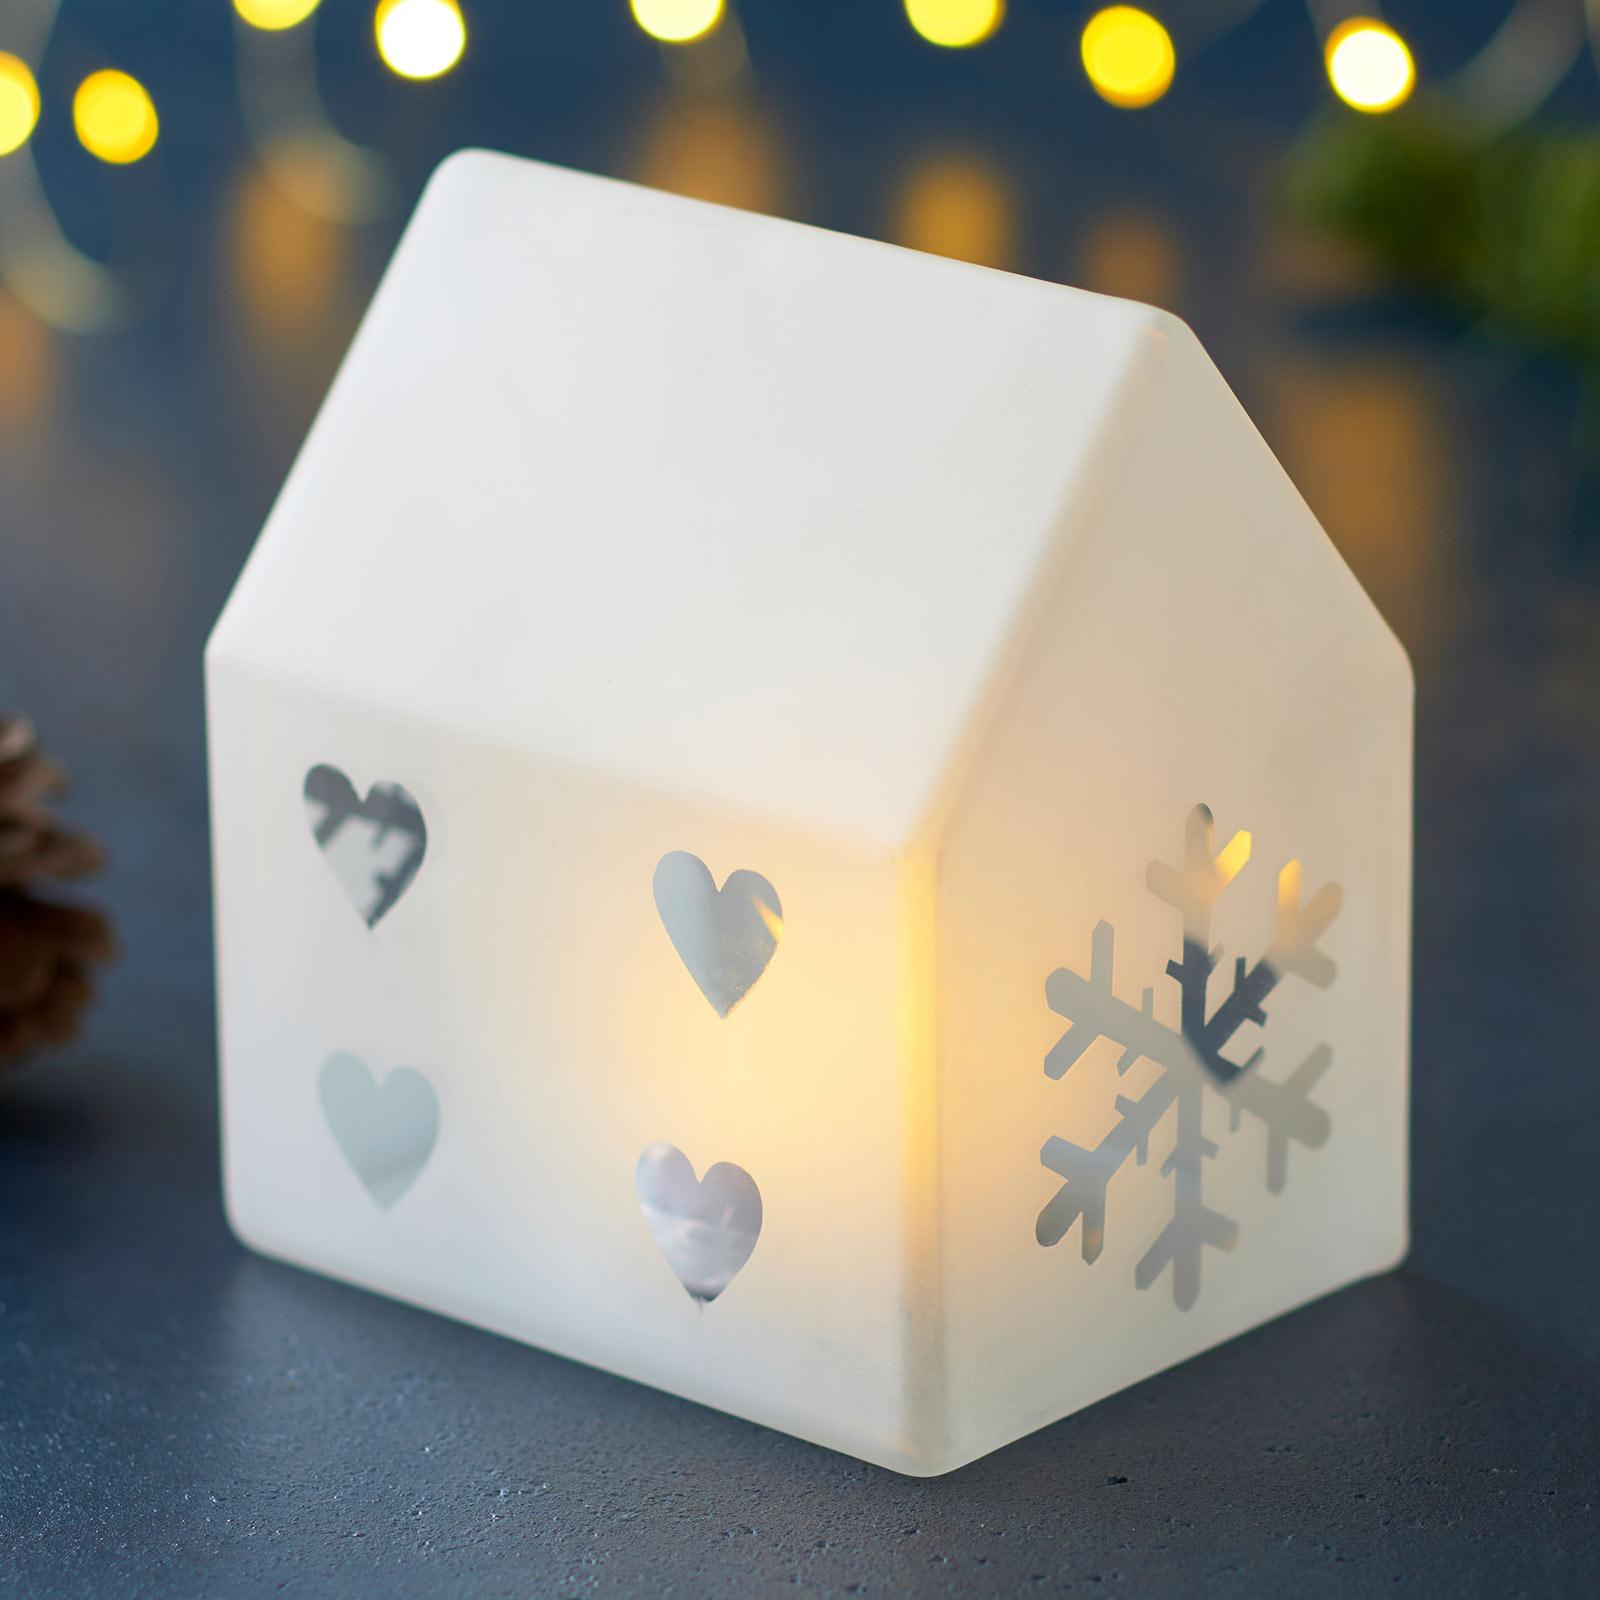 Lampada decorativa LED Santa House, alta 11,5 cm